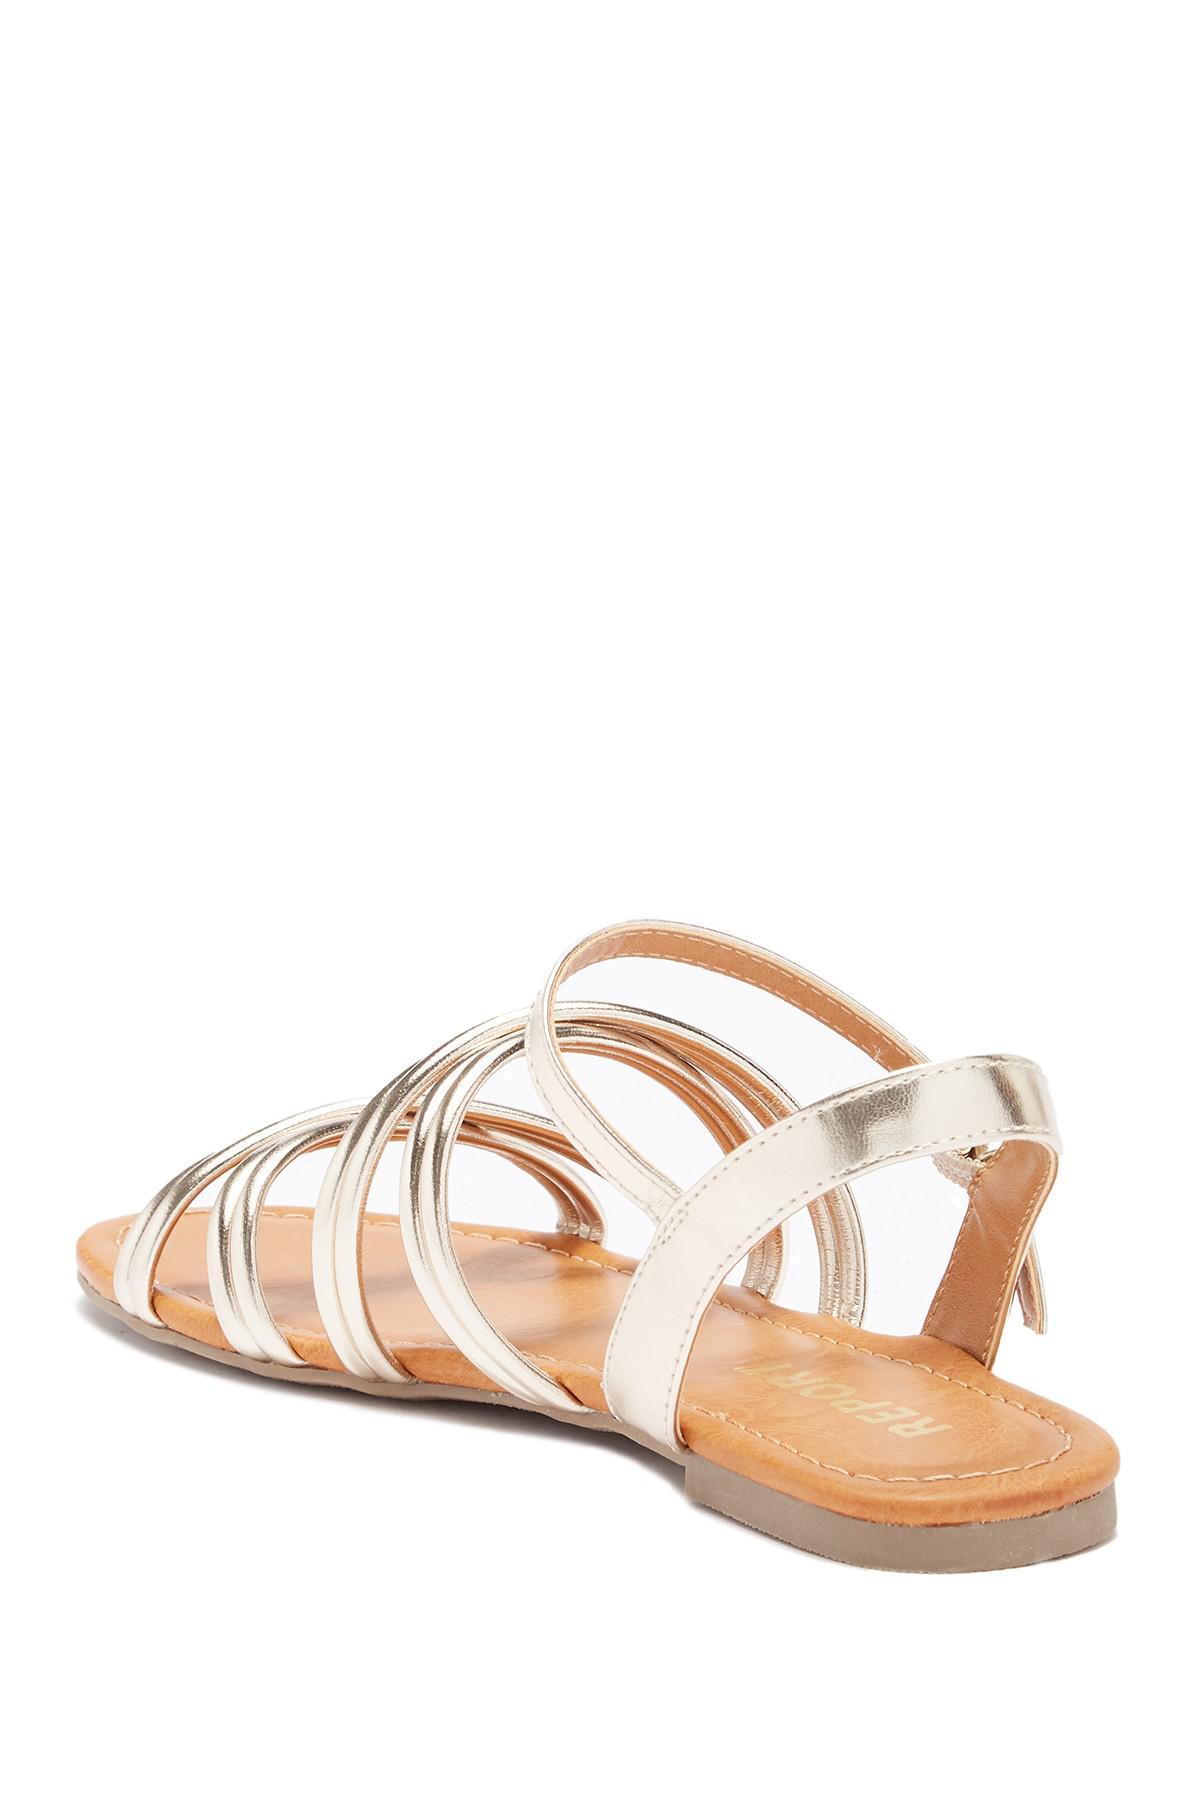 Report Gal Metallic Sandal nbTSkp